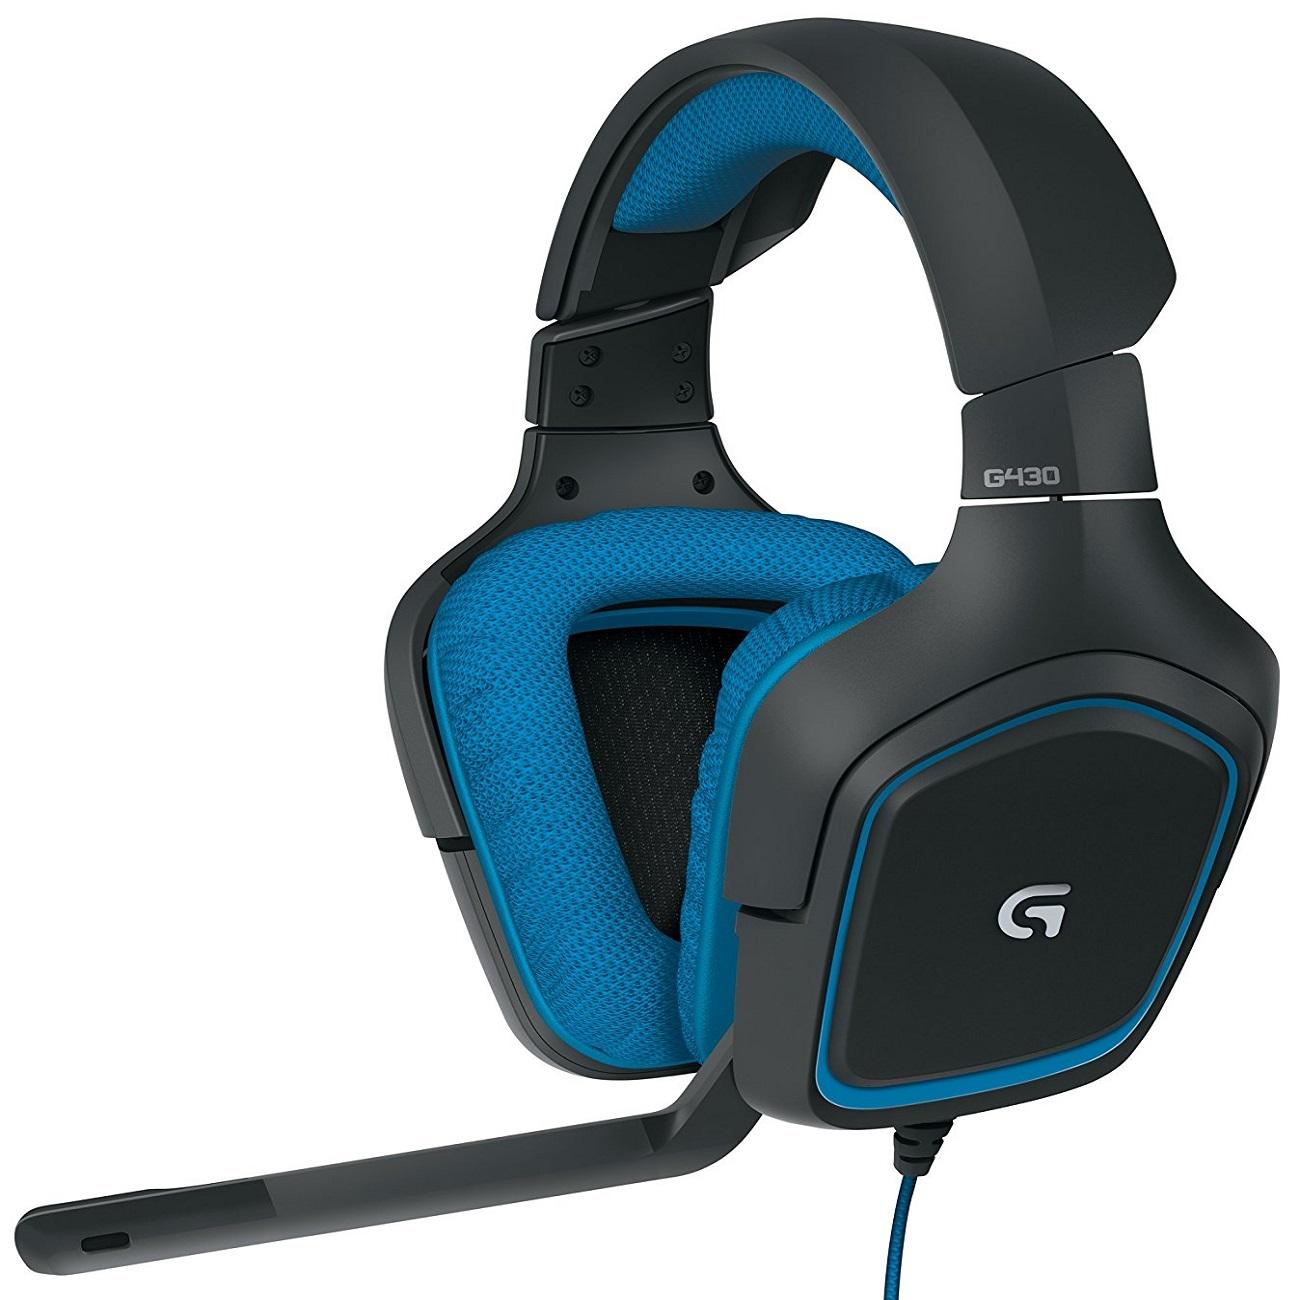 로지텍 G430 서라운드 사운드 7.1채널 게이밍 헤드셋 A-00061, 혼합 색상